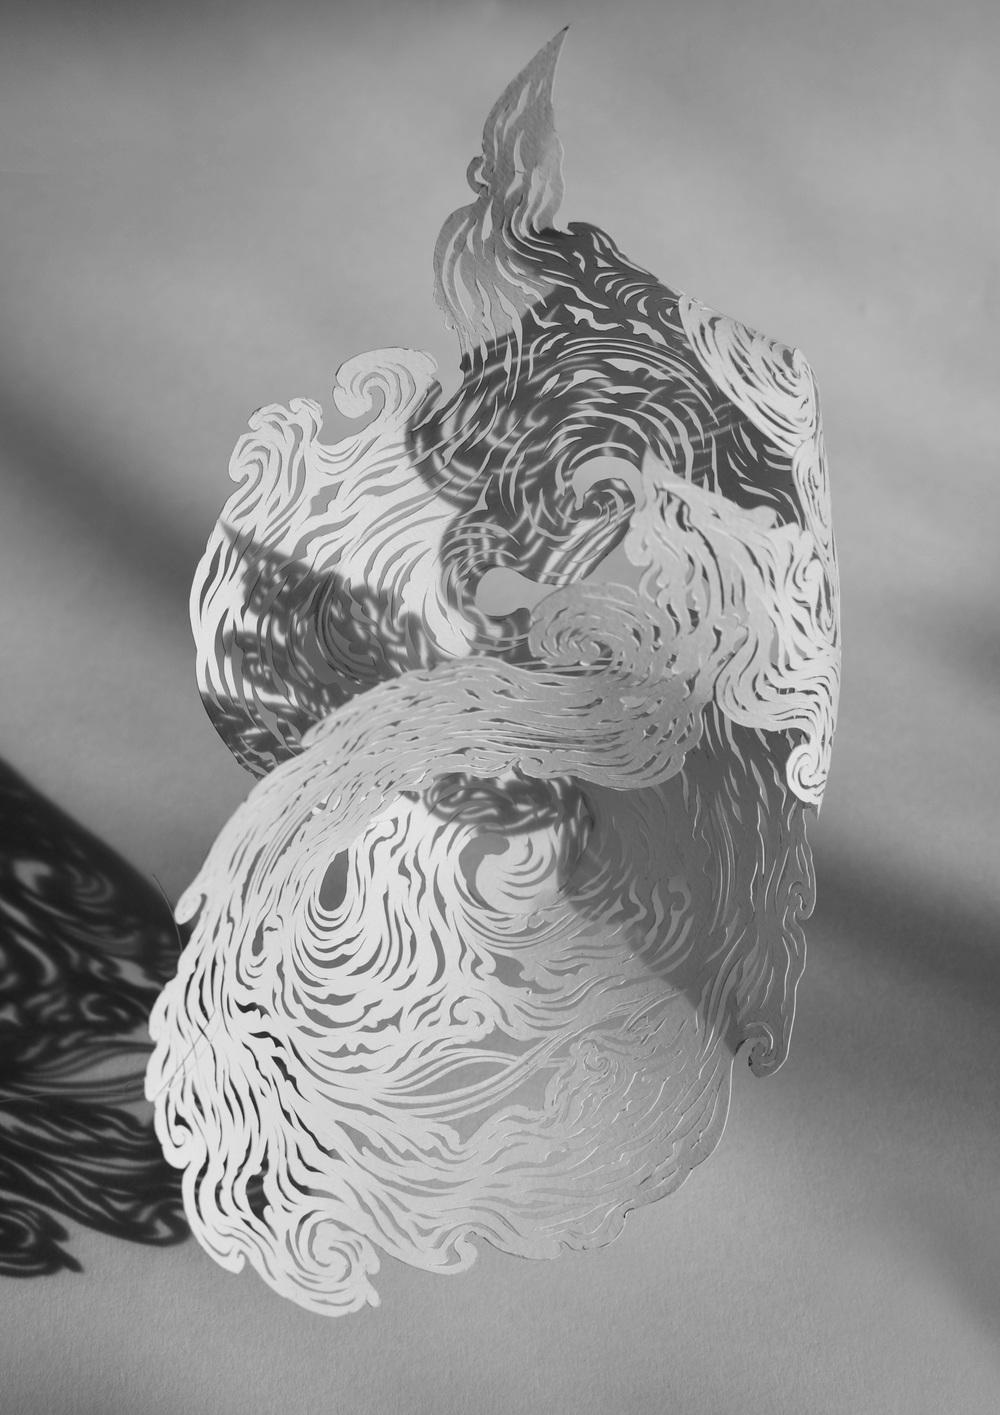 Mini Nebula - Hand cut 160gsm paper, 2015